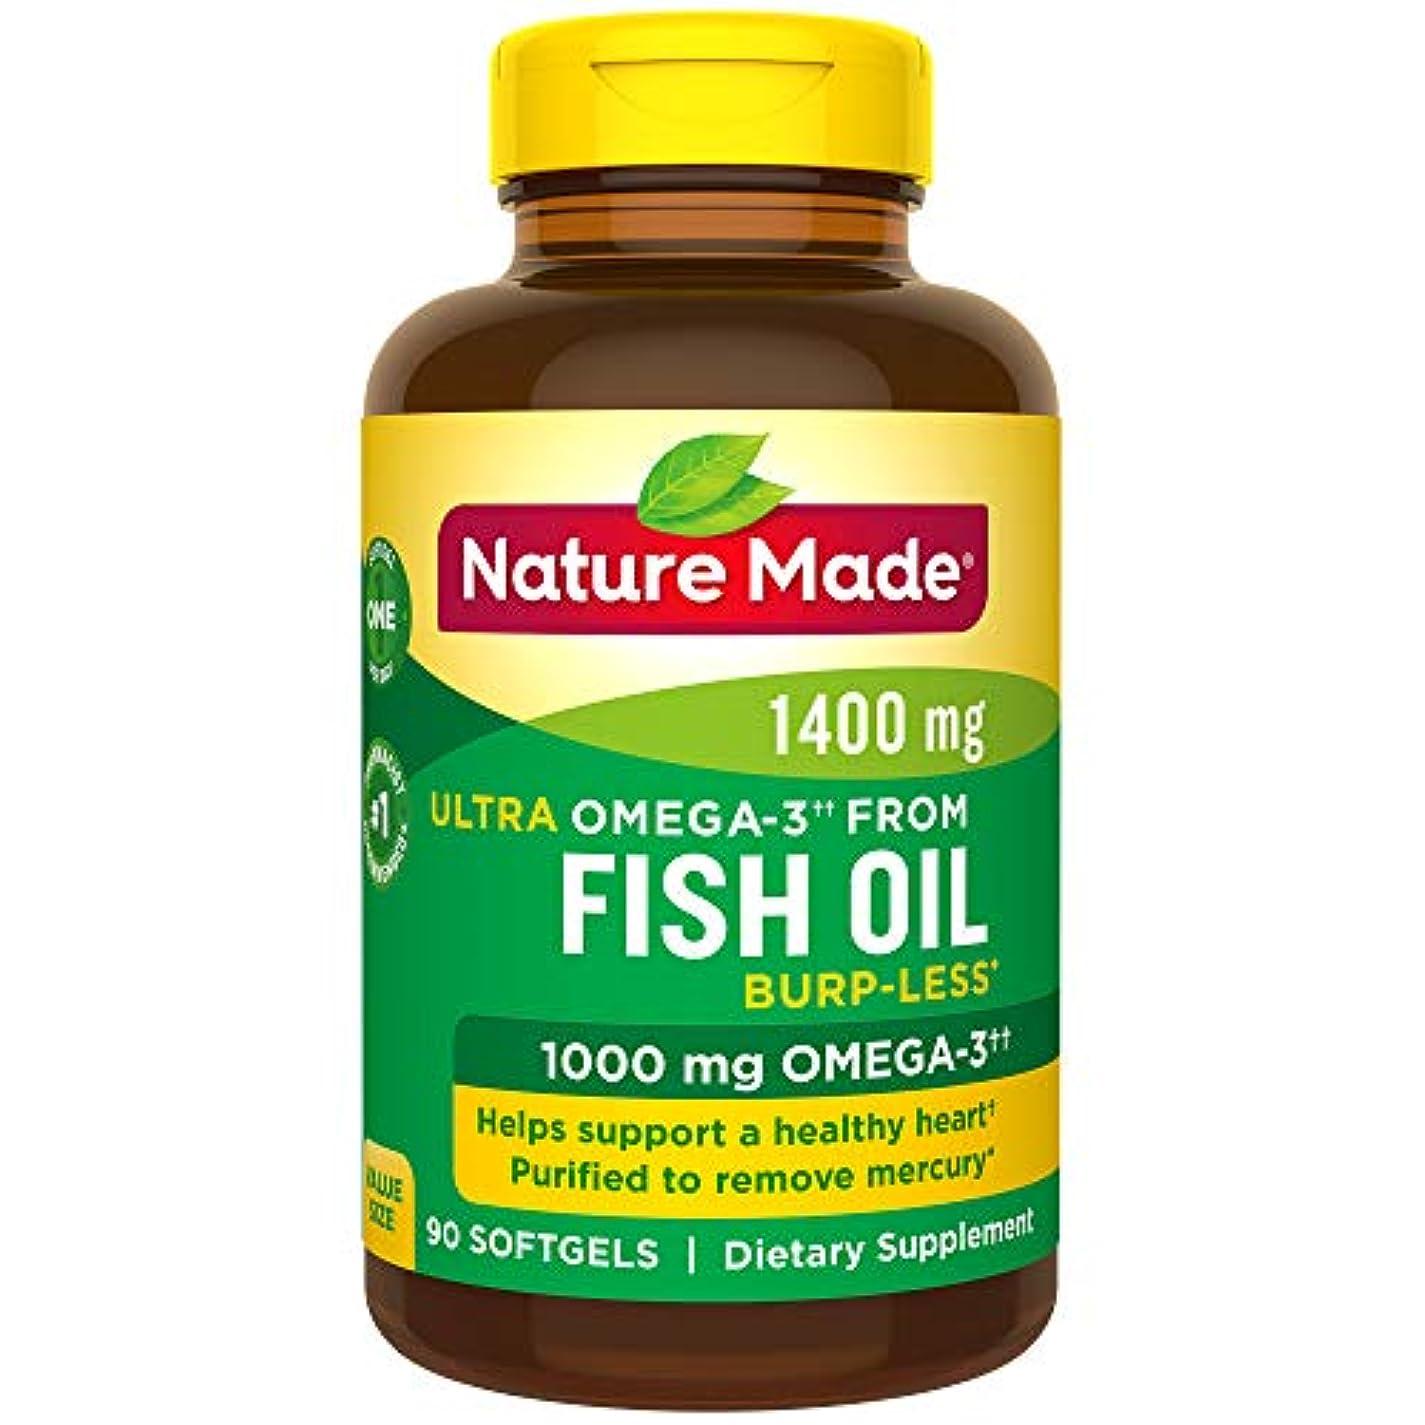 ヘッドレス救いいろいろNature Made Ultra Omega-3 Fish Oil Value Size Softgel, 1400 mg, 90 Count 海外直送品